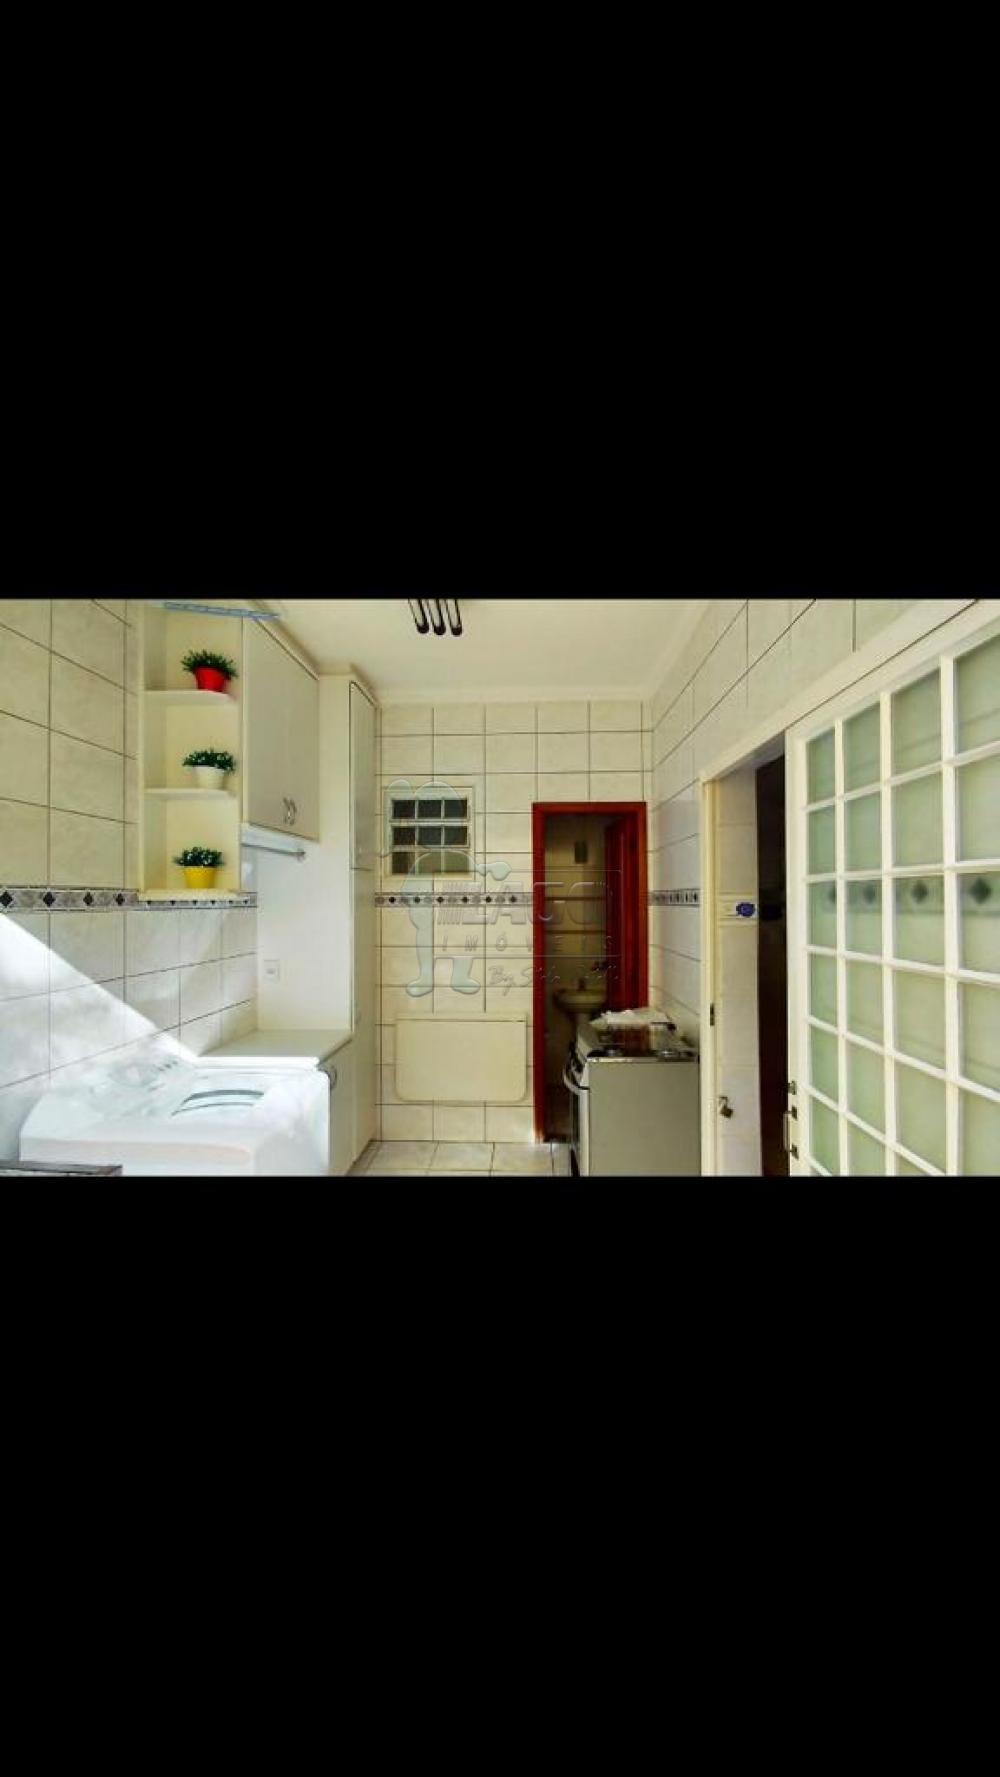 Comprar Casas / Padrão em Ribeirão Preto apenas R$ 850.000,00 - Foto 9